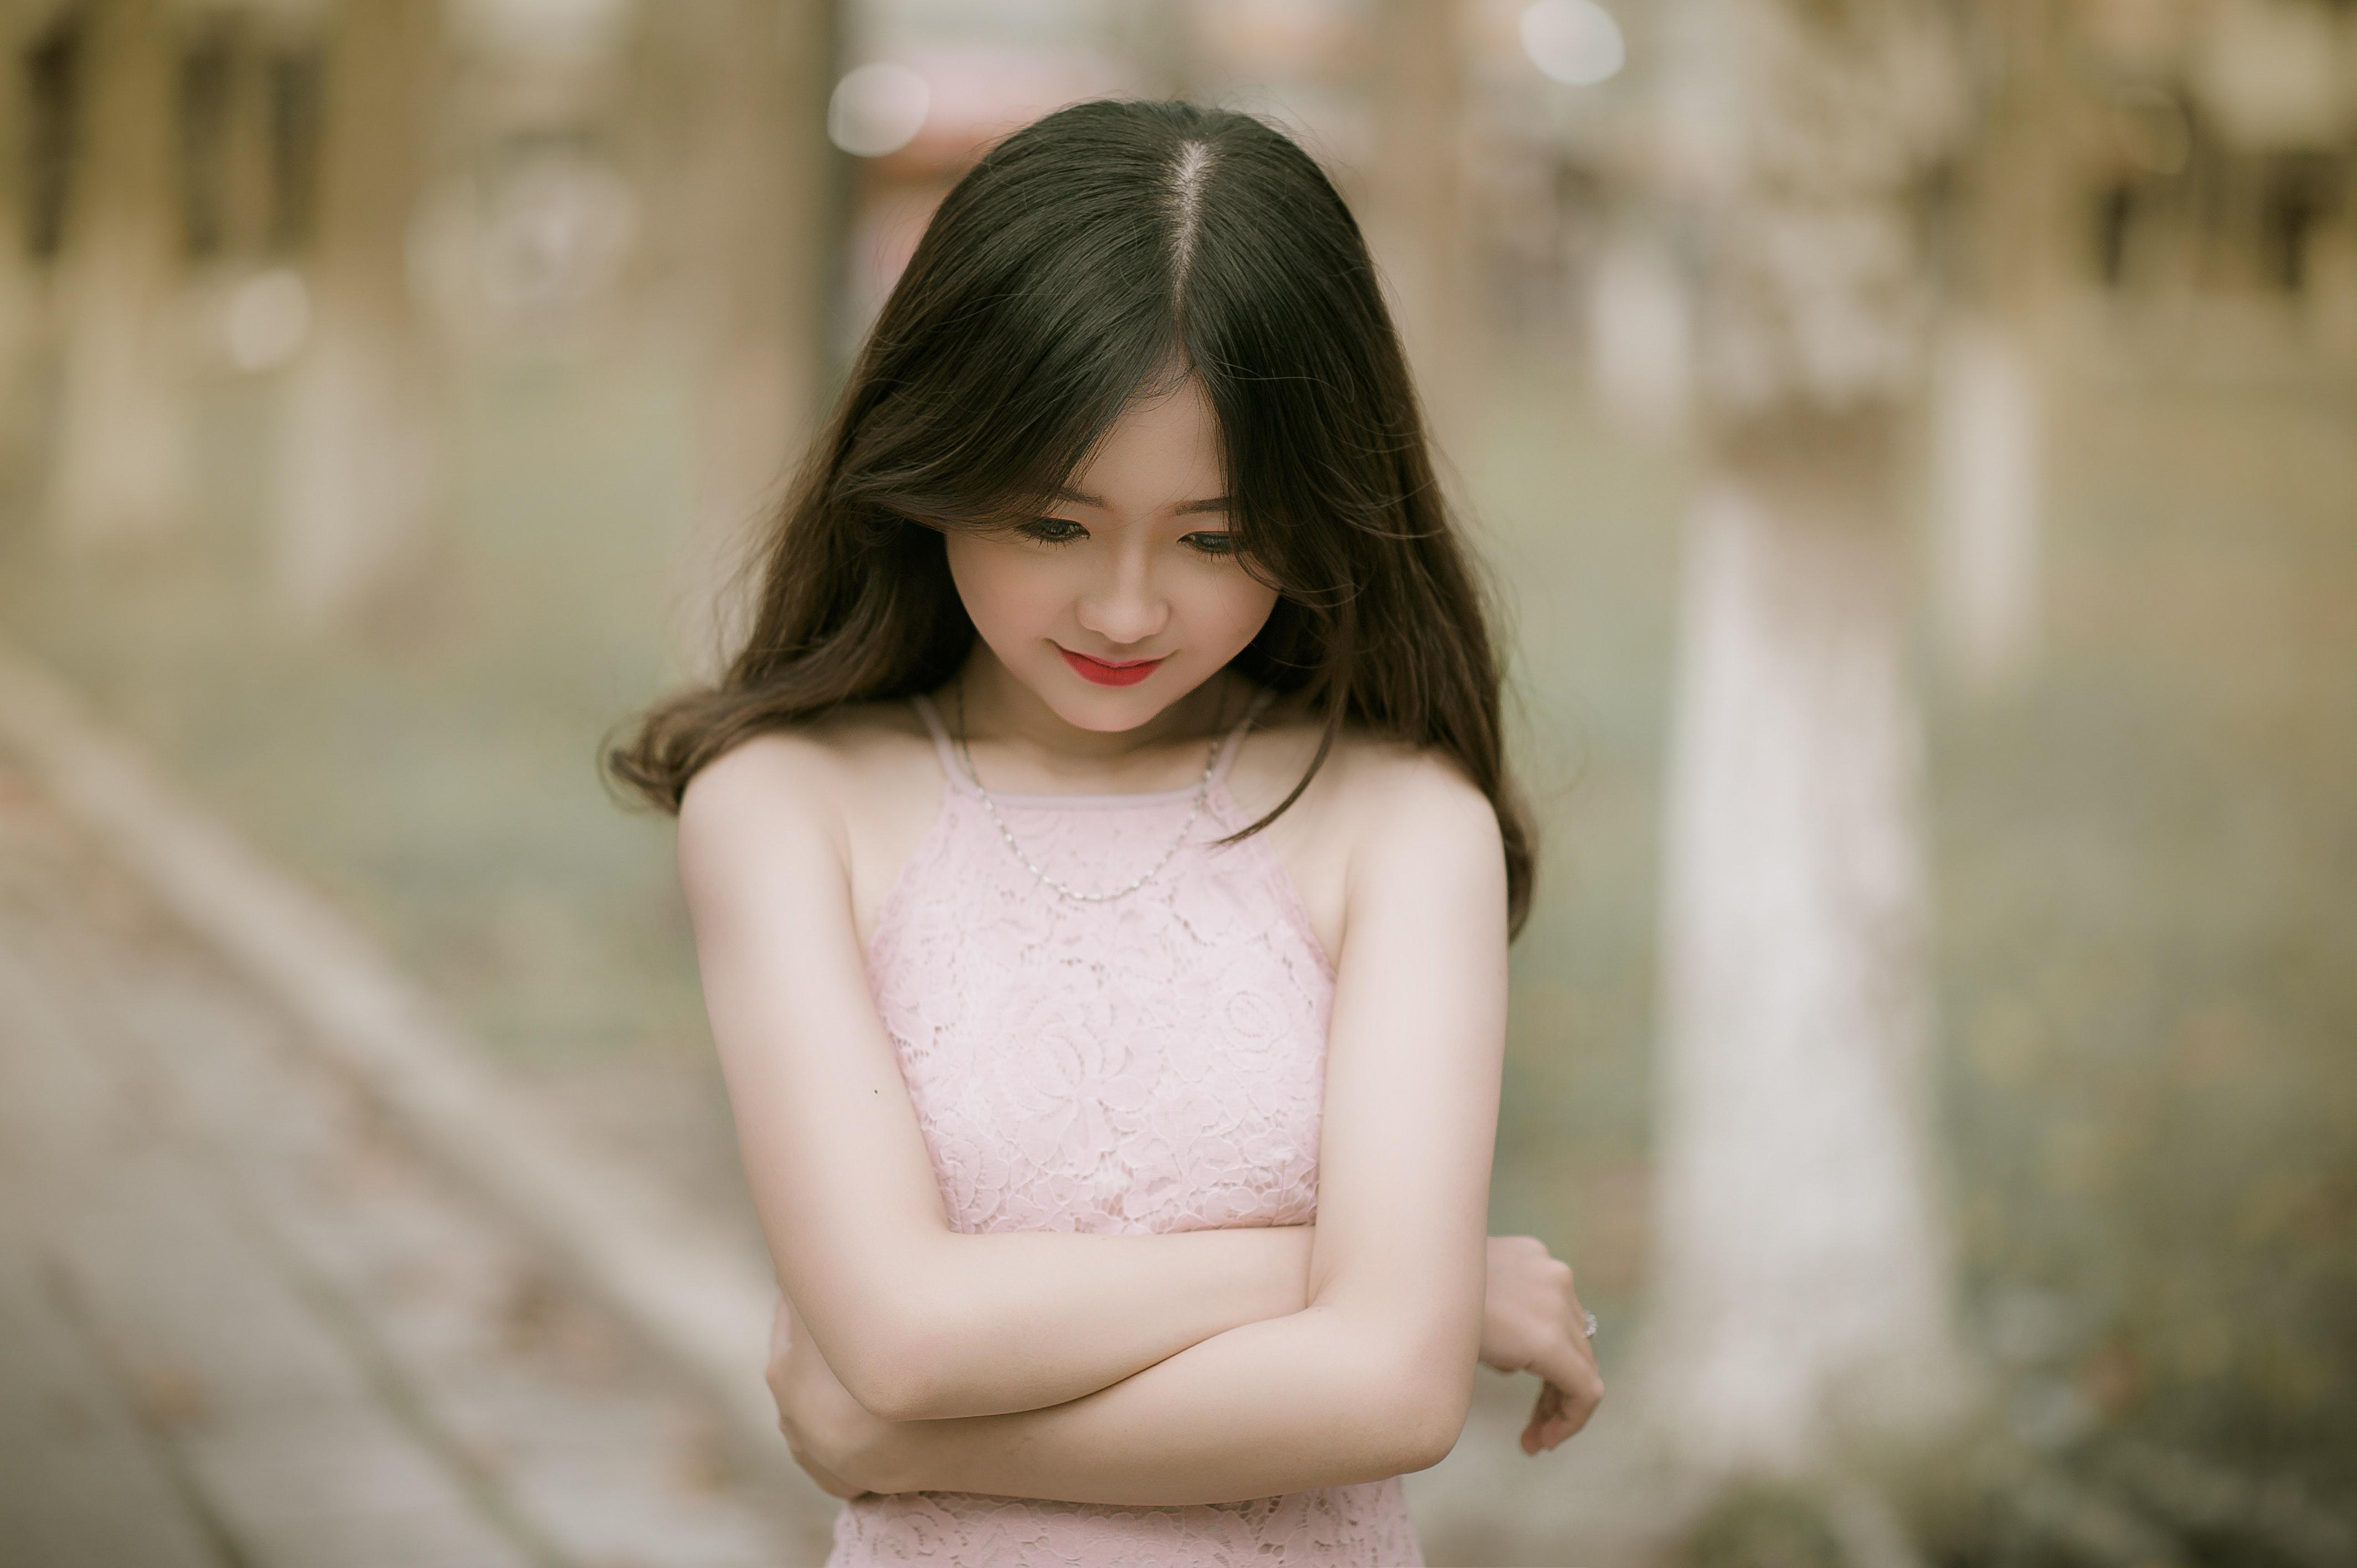 XXX CHINA GIRLS BOOB